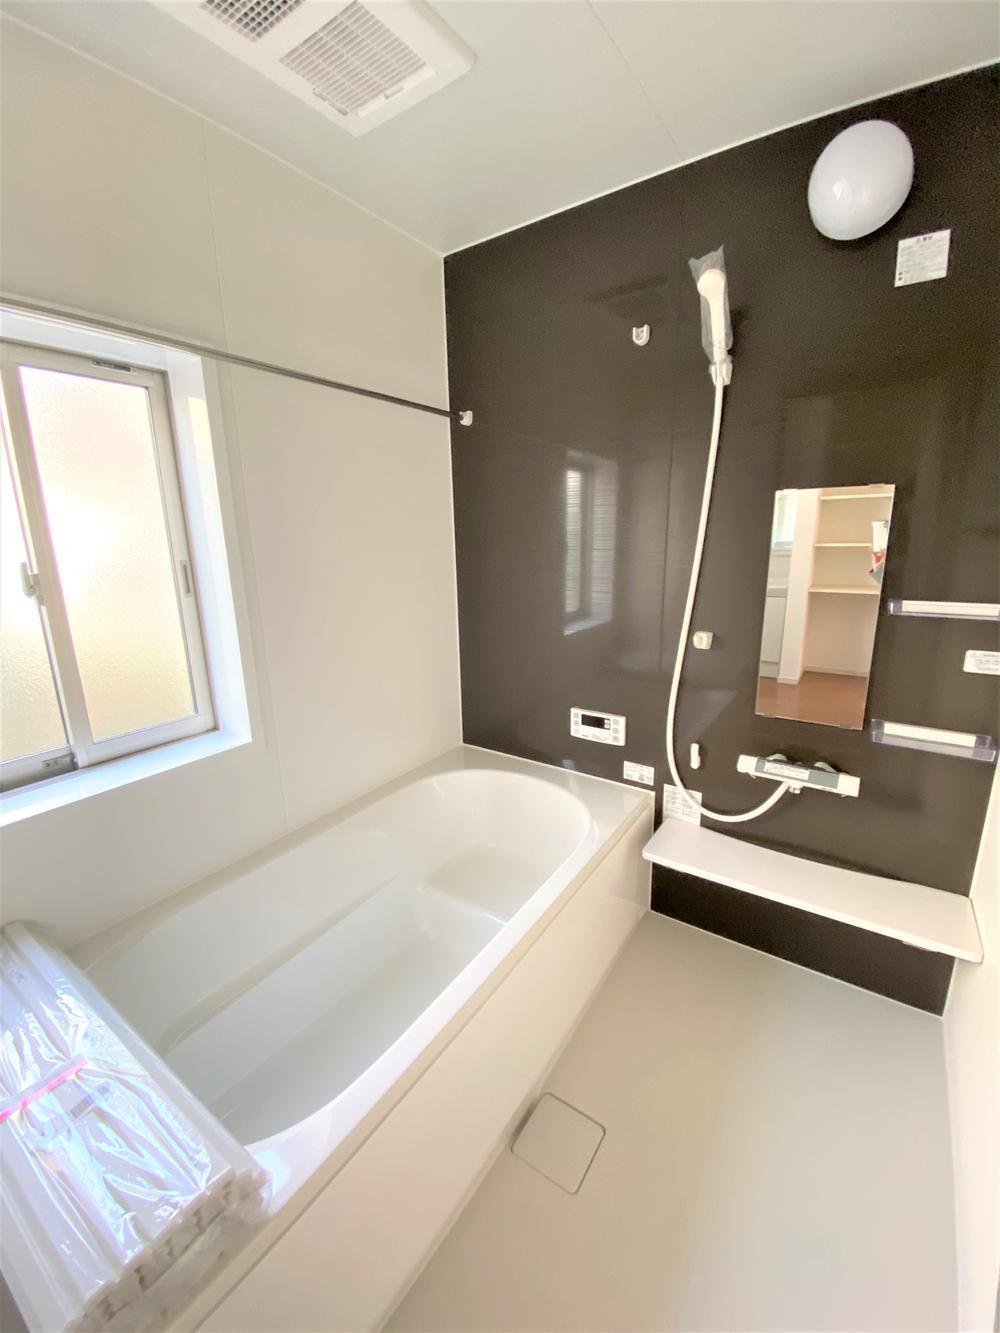 2号棟・バスルーム  ●1坪タイプのバスルームは脚が充分に伸ばせる広さ!エコベンチ浴槽で、半身浴もできます。浴室暖房乾燥機付なので冬でも暖かく、雨の日でも洗濯物を乾かすことができます♪